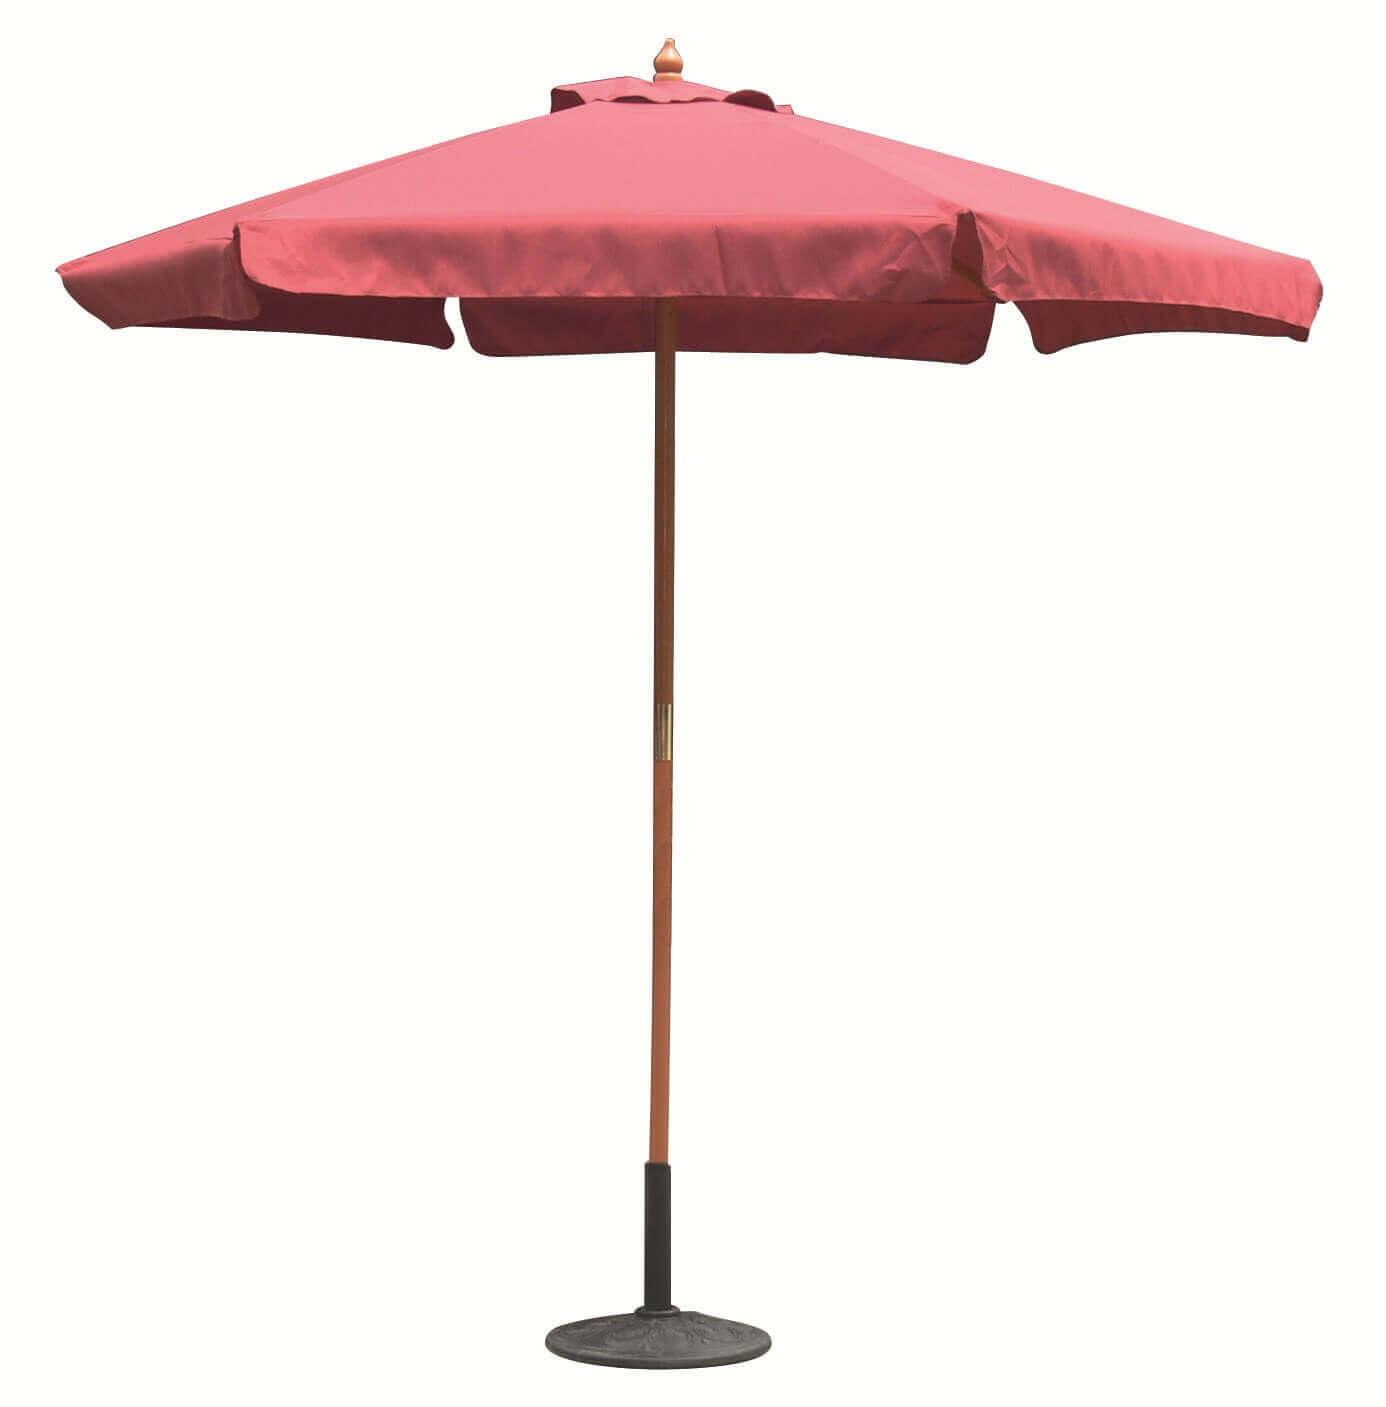 Milani Home DOMINUS - ombrellone da giardino 3 x 4 palo centrale in legno